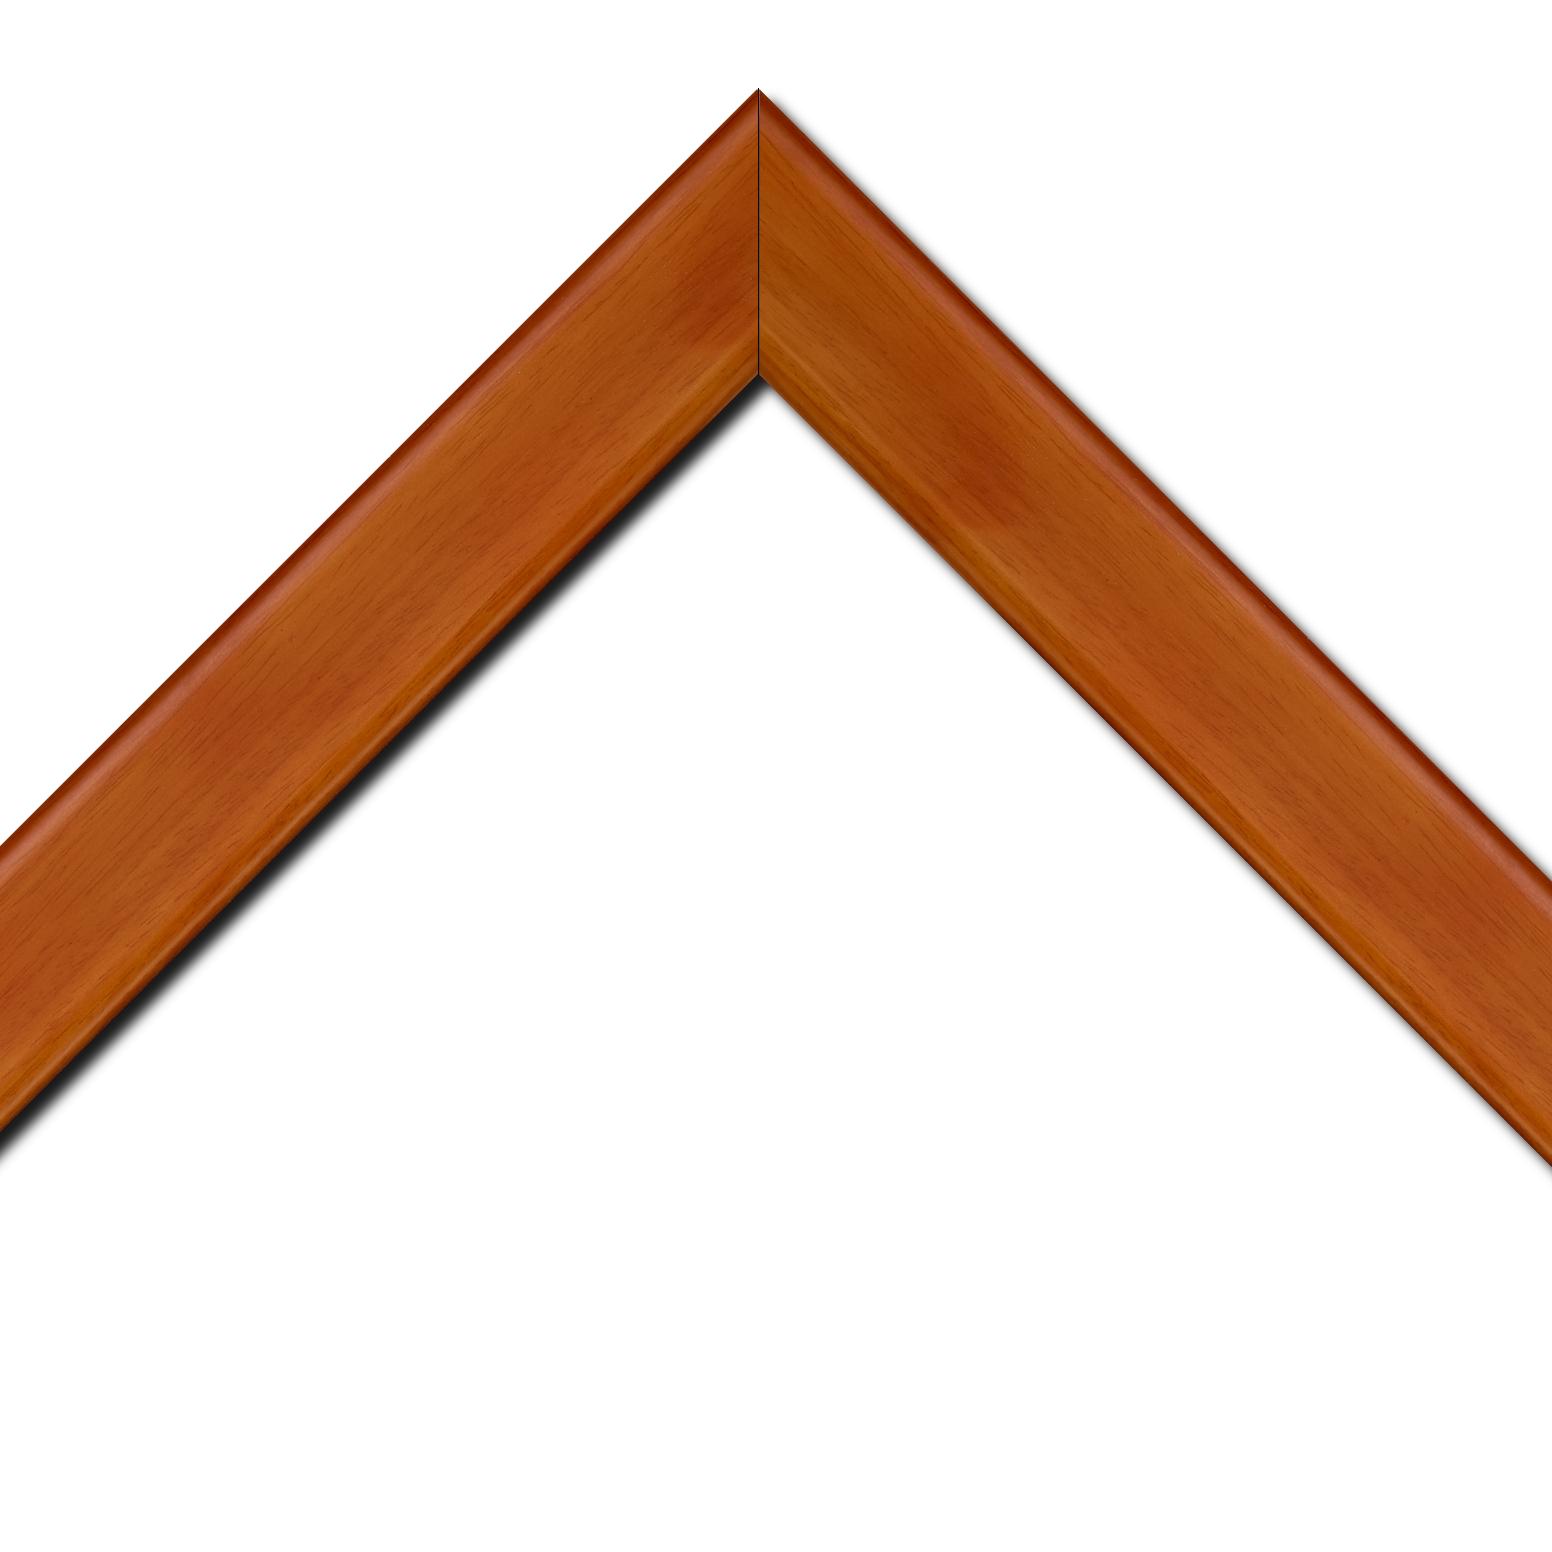 Baguette bois profil plat bord arrondi largeur 4.9cm de couleur mandarine